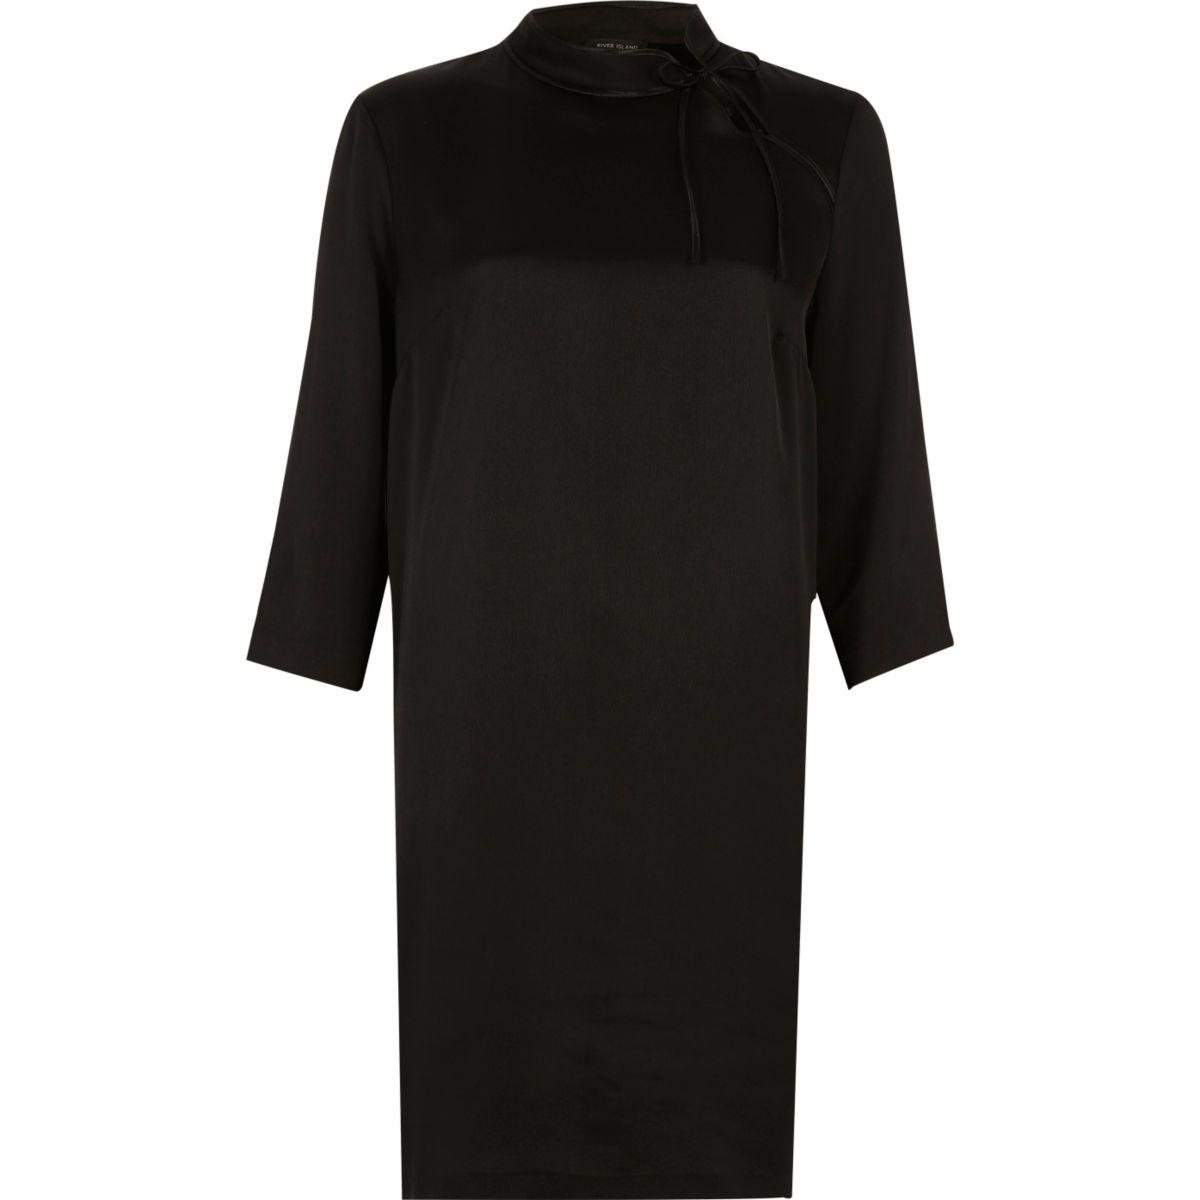 Schwarzes Swing-Kleid mit Bindeband